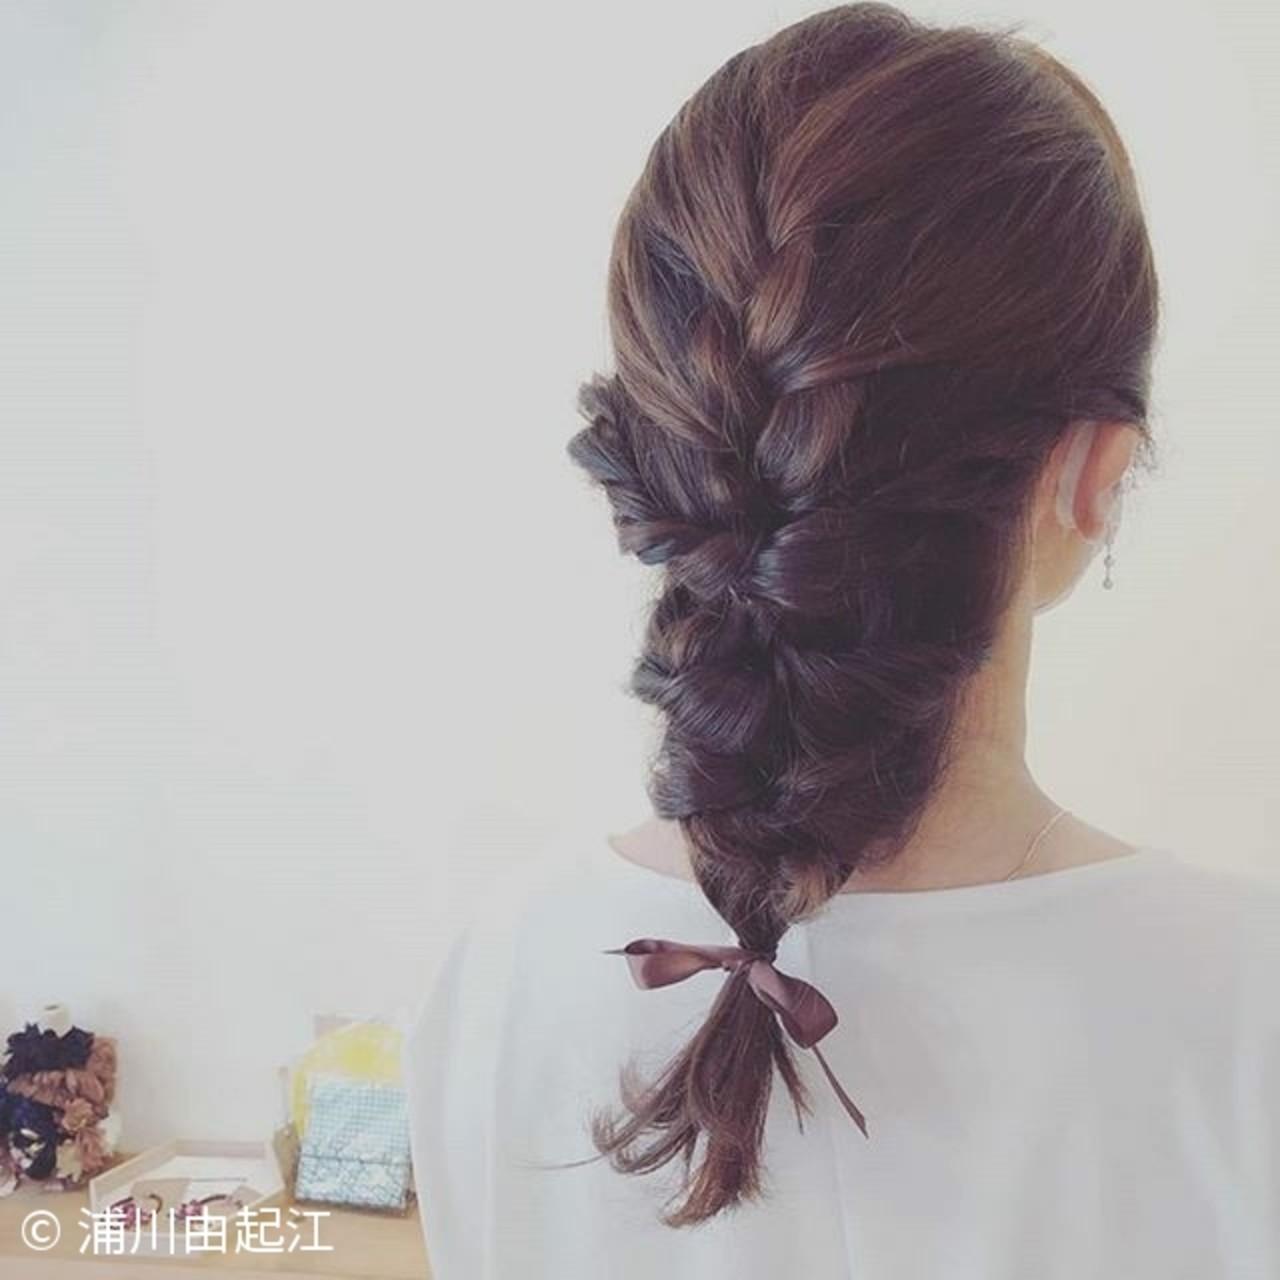 デート ヘアアレンジ ロング モテ髪ヘアスタイルや髪型の写真・画像